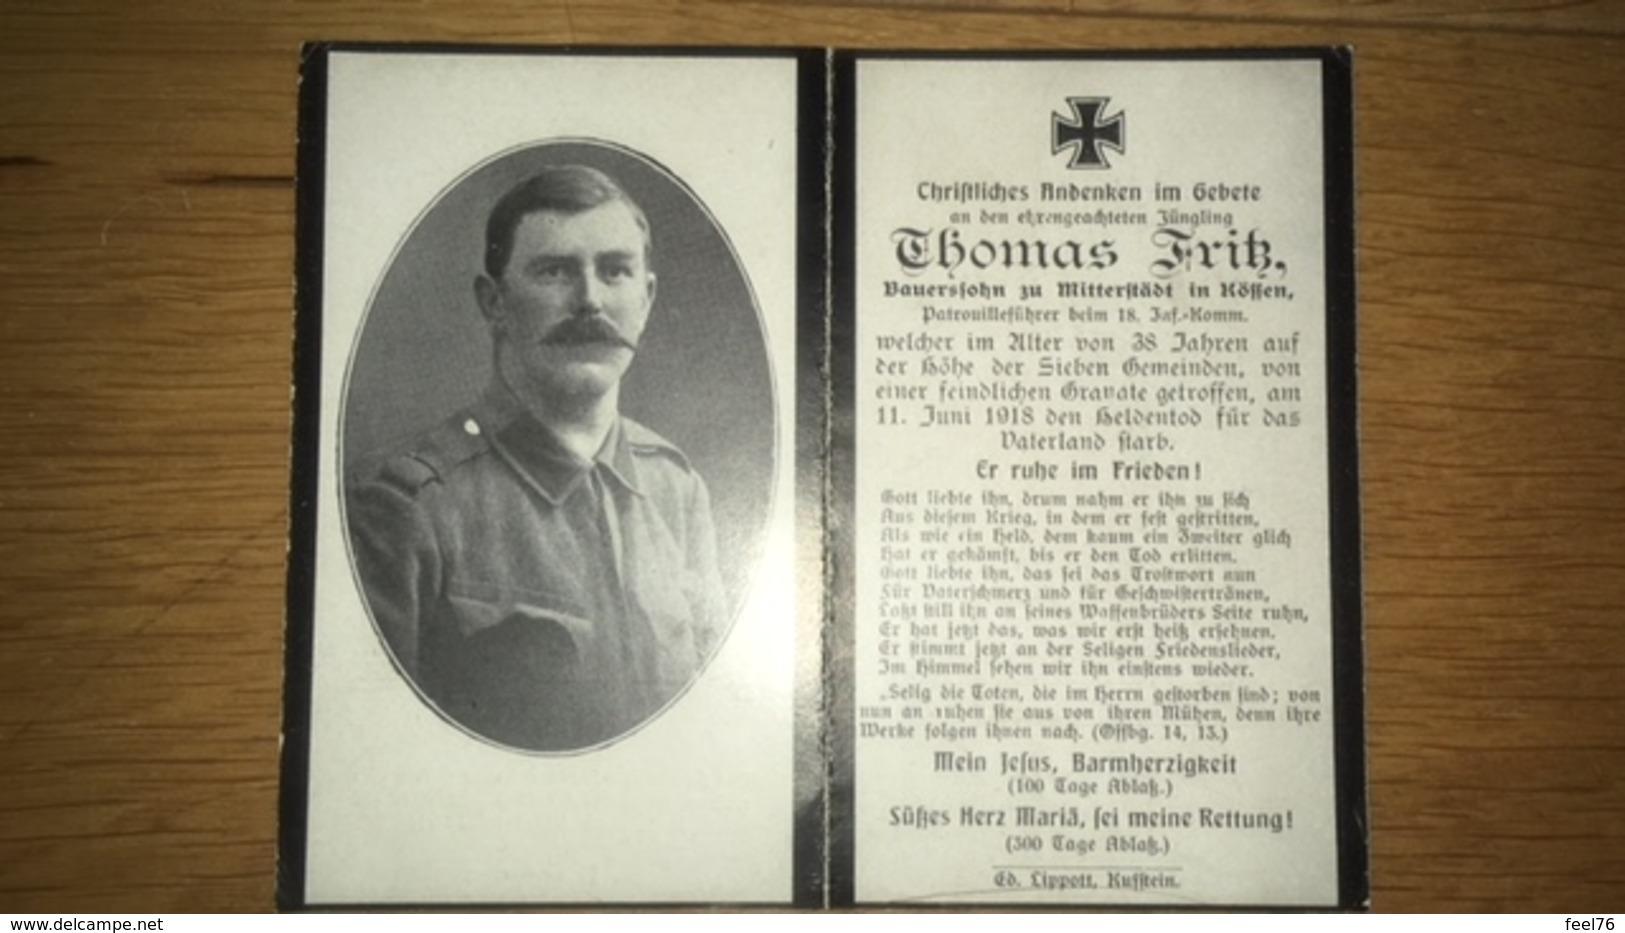 Sterbebild Wk1 Ww1 Bidprentje Avis Décès Deathcard KUK 18. Inf. Komm. Patrouilleführer Höhe Sieben Gemeinden Mitterstädt - 1914-18